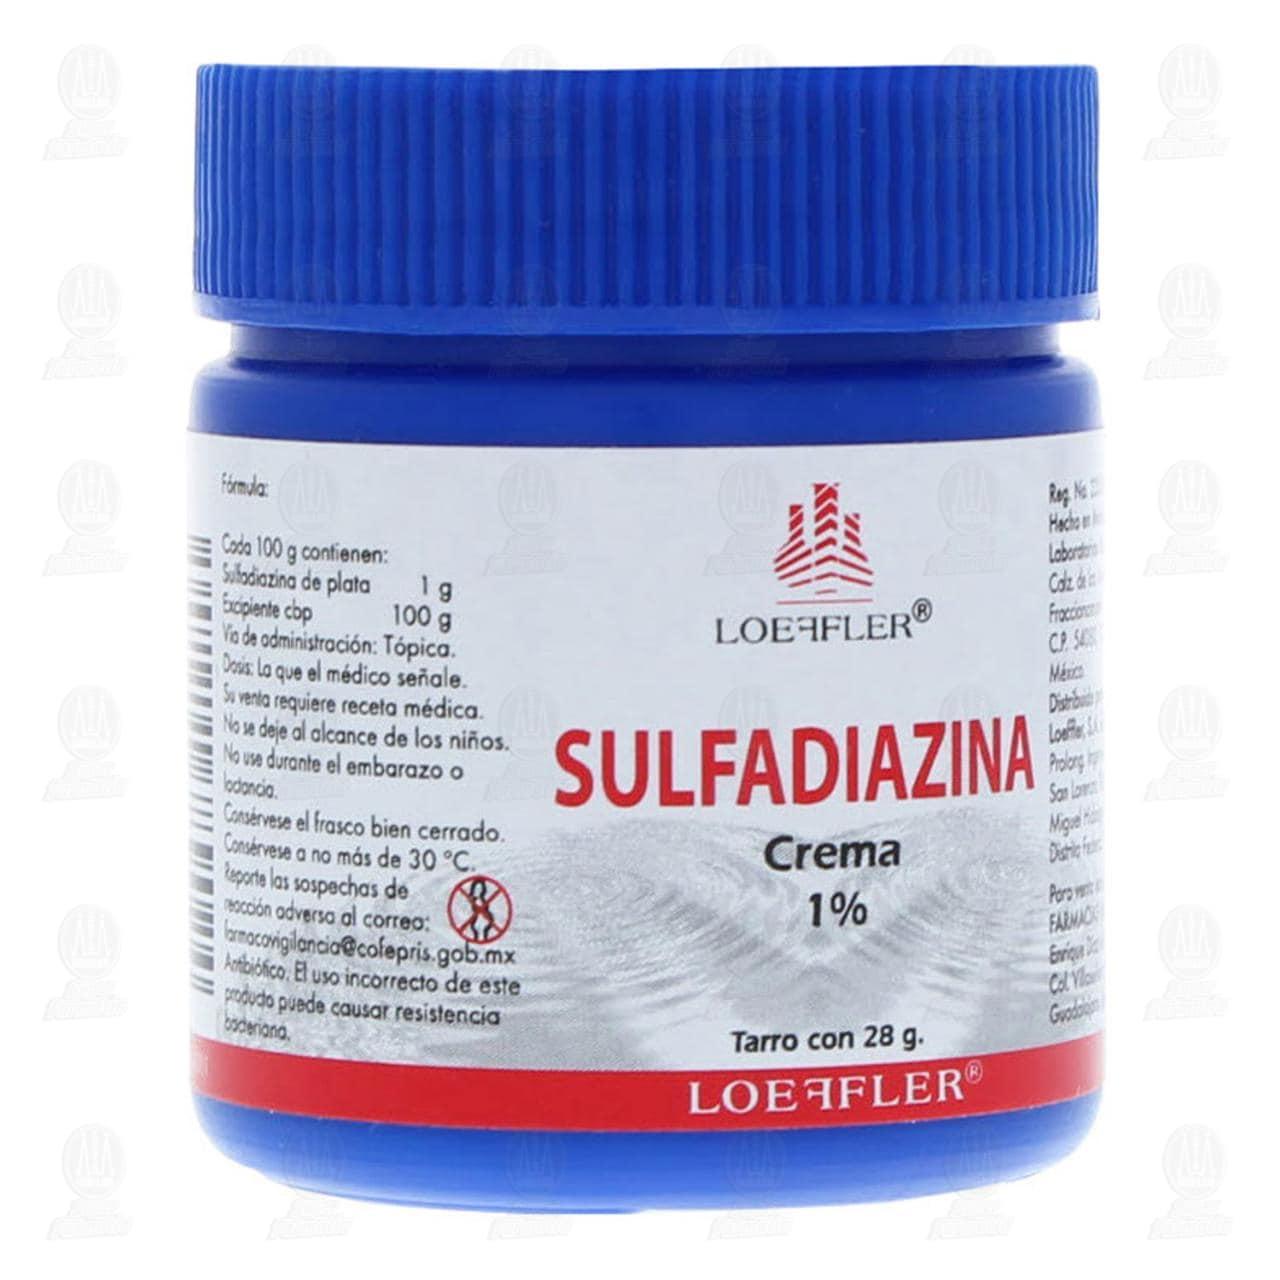 Comprar Sulfadiazina 28gr Crema Tarro en Farmacias Guadalajara